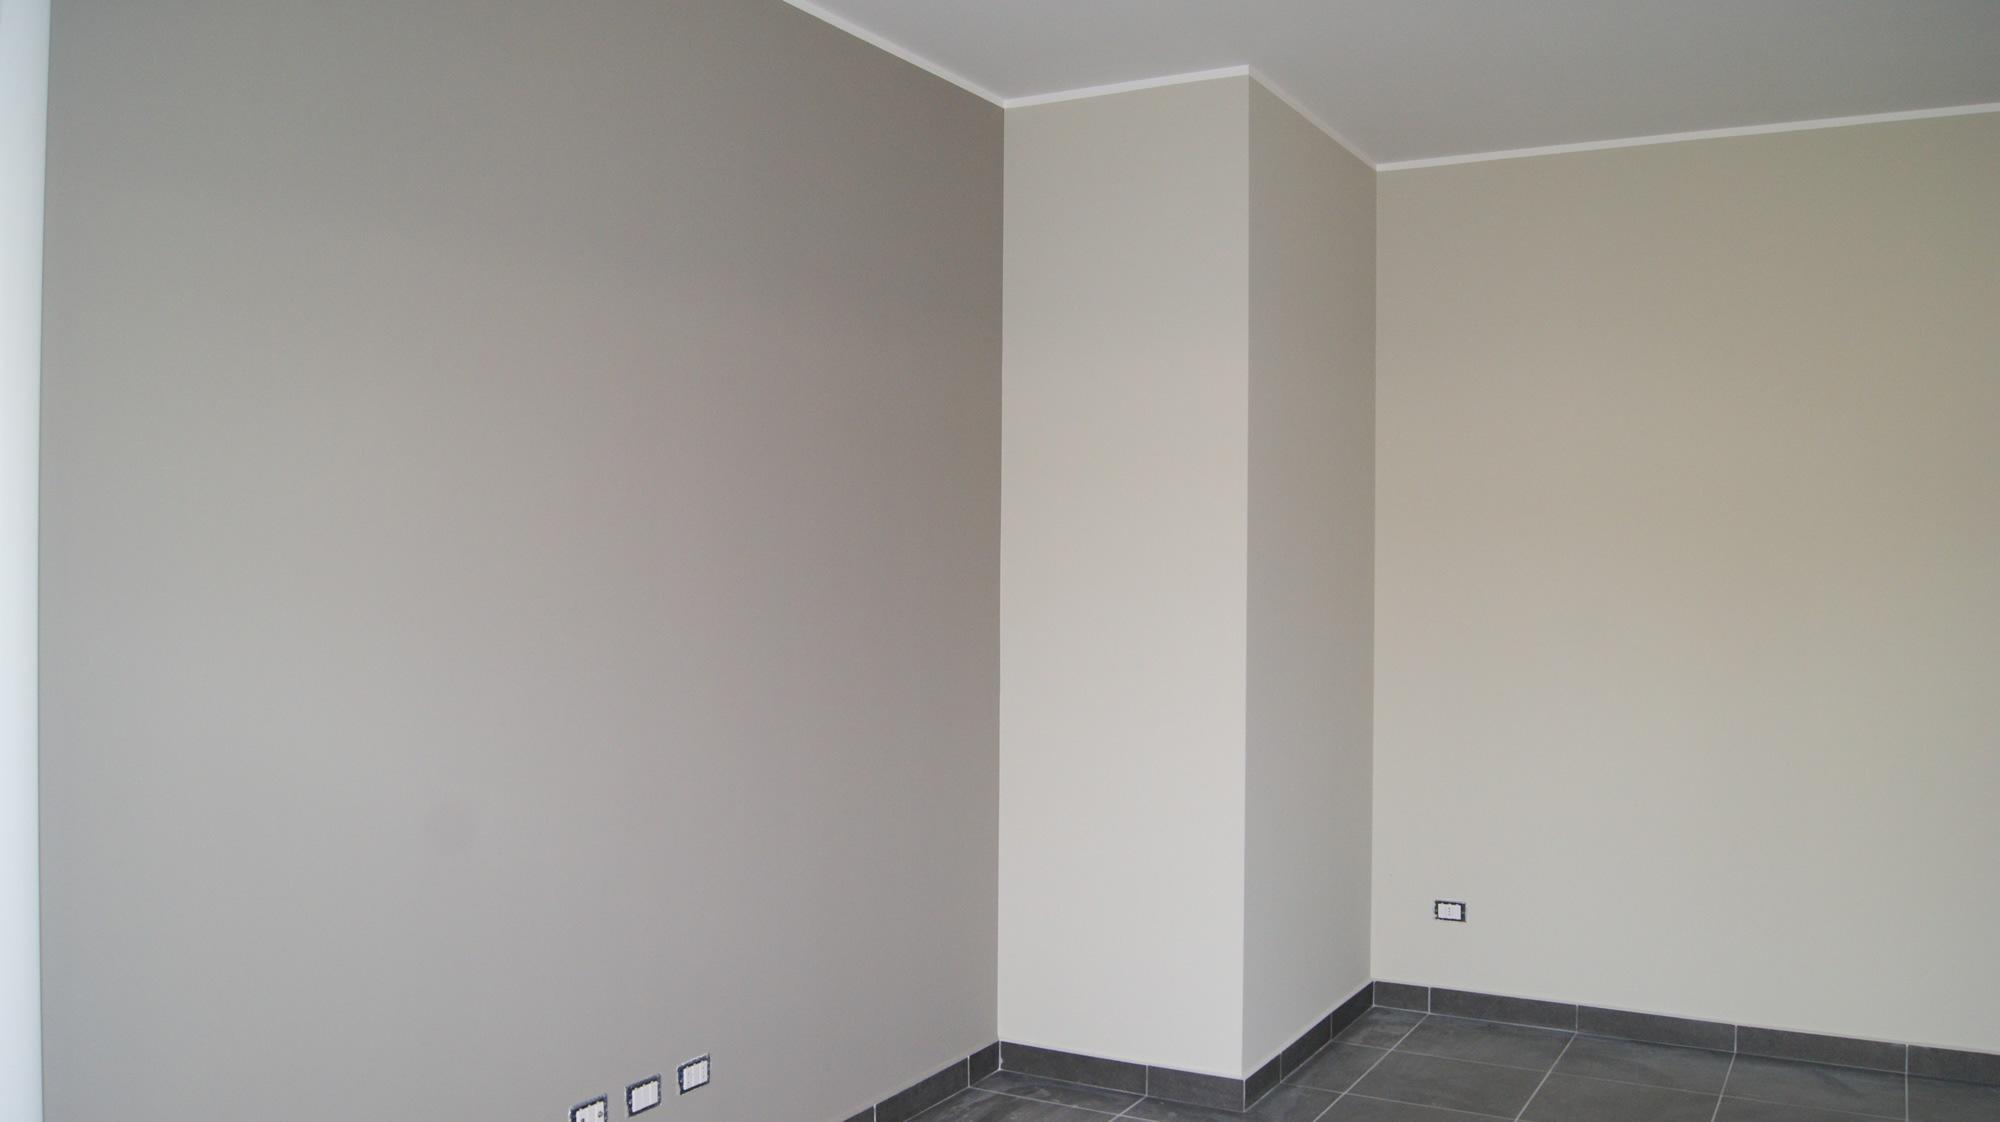 Pittura Stucco Veneziano Foto tecniche di pittura pareti - antonio liso - imbianchino